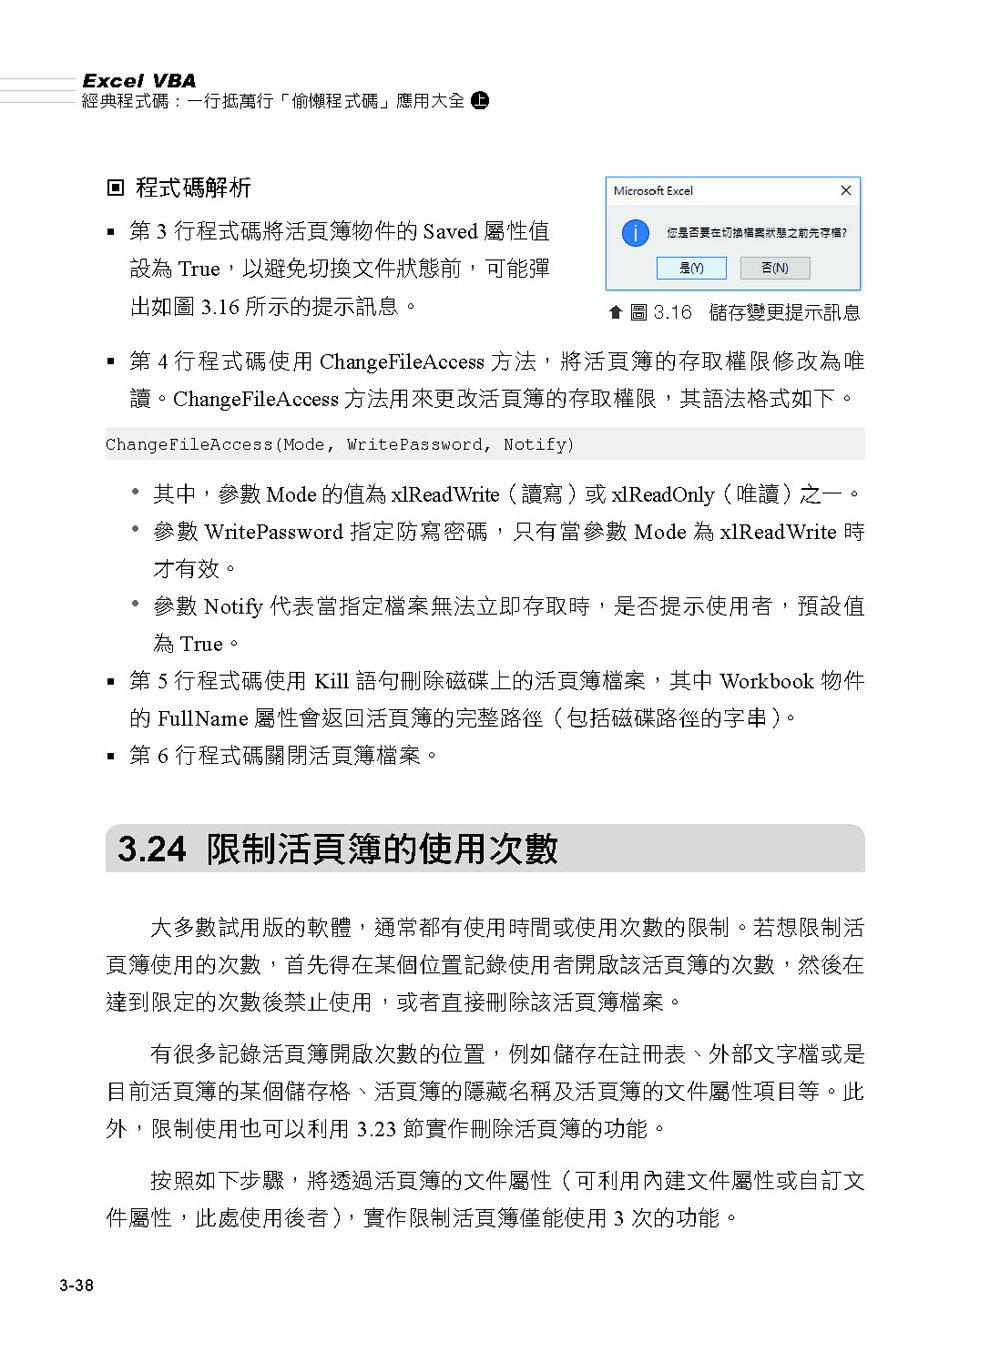 Excel VBA 經典程式碼:一行抵萬行「偷懶程式碼」應用大全 (上)-preview-6